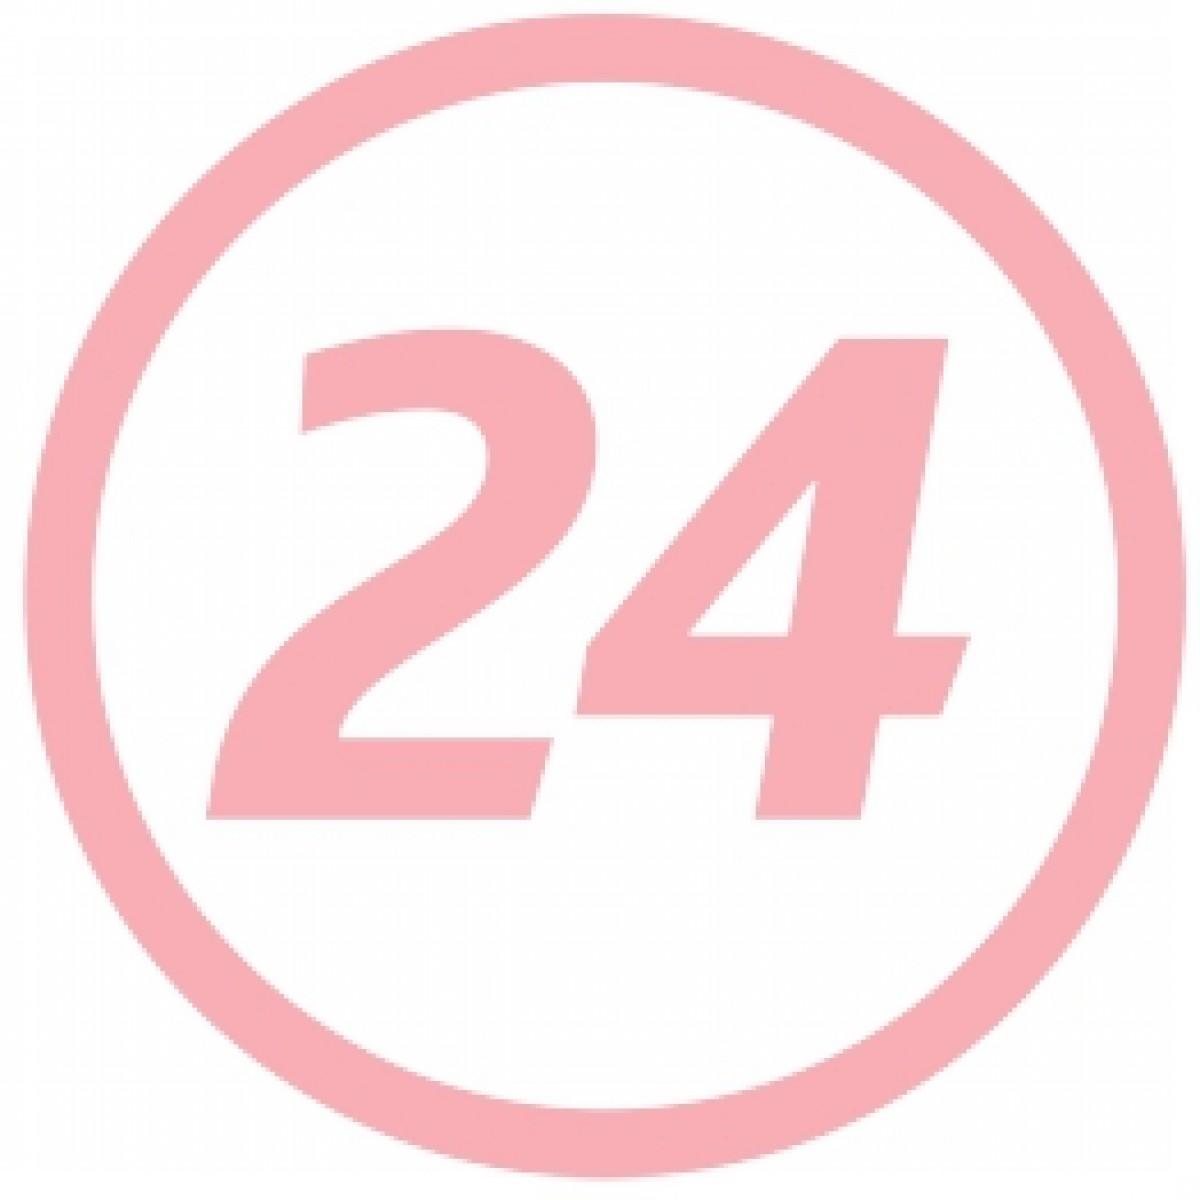 Pampers 3 Premium Care 4-9 kg, Scutece, 80buc